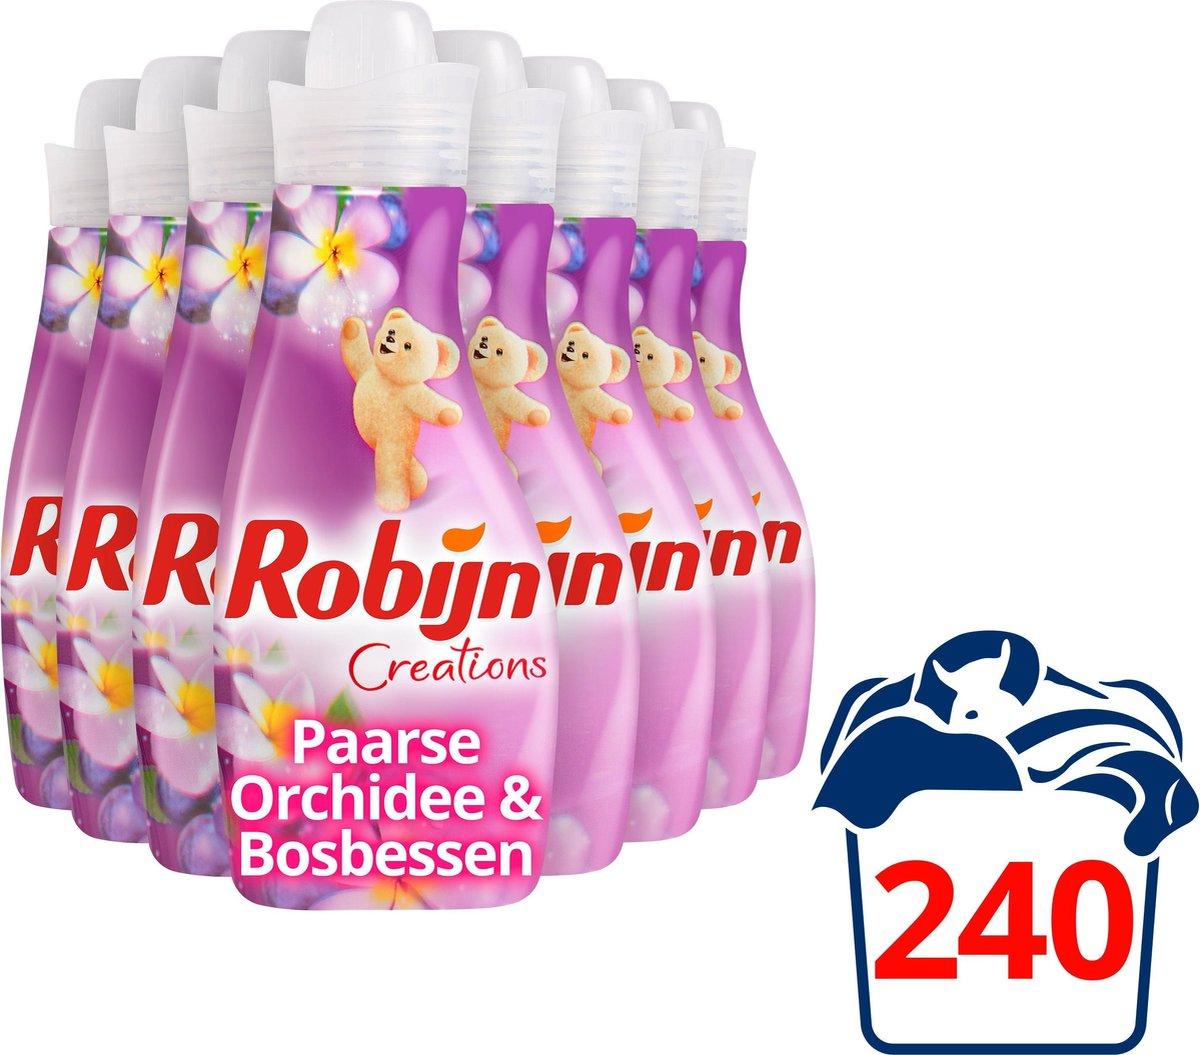 Robijn Creations Paarse Orchidee & Bosbessen Wasverzachter - 8 x 30 wasbeurten -Voordeelverpakking